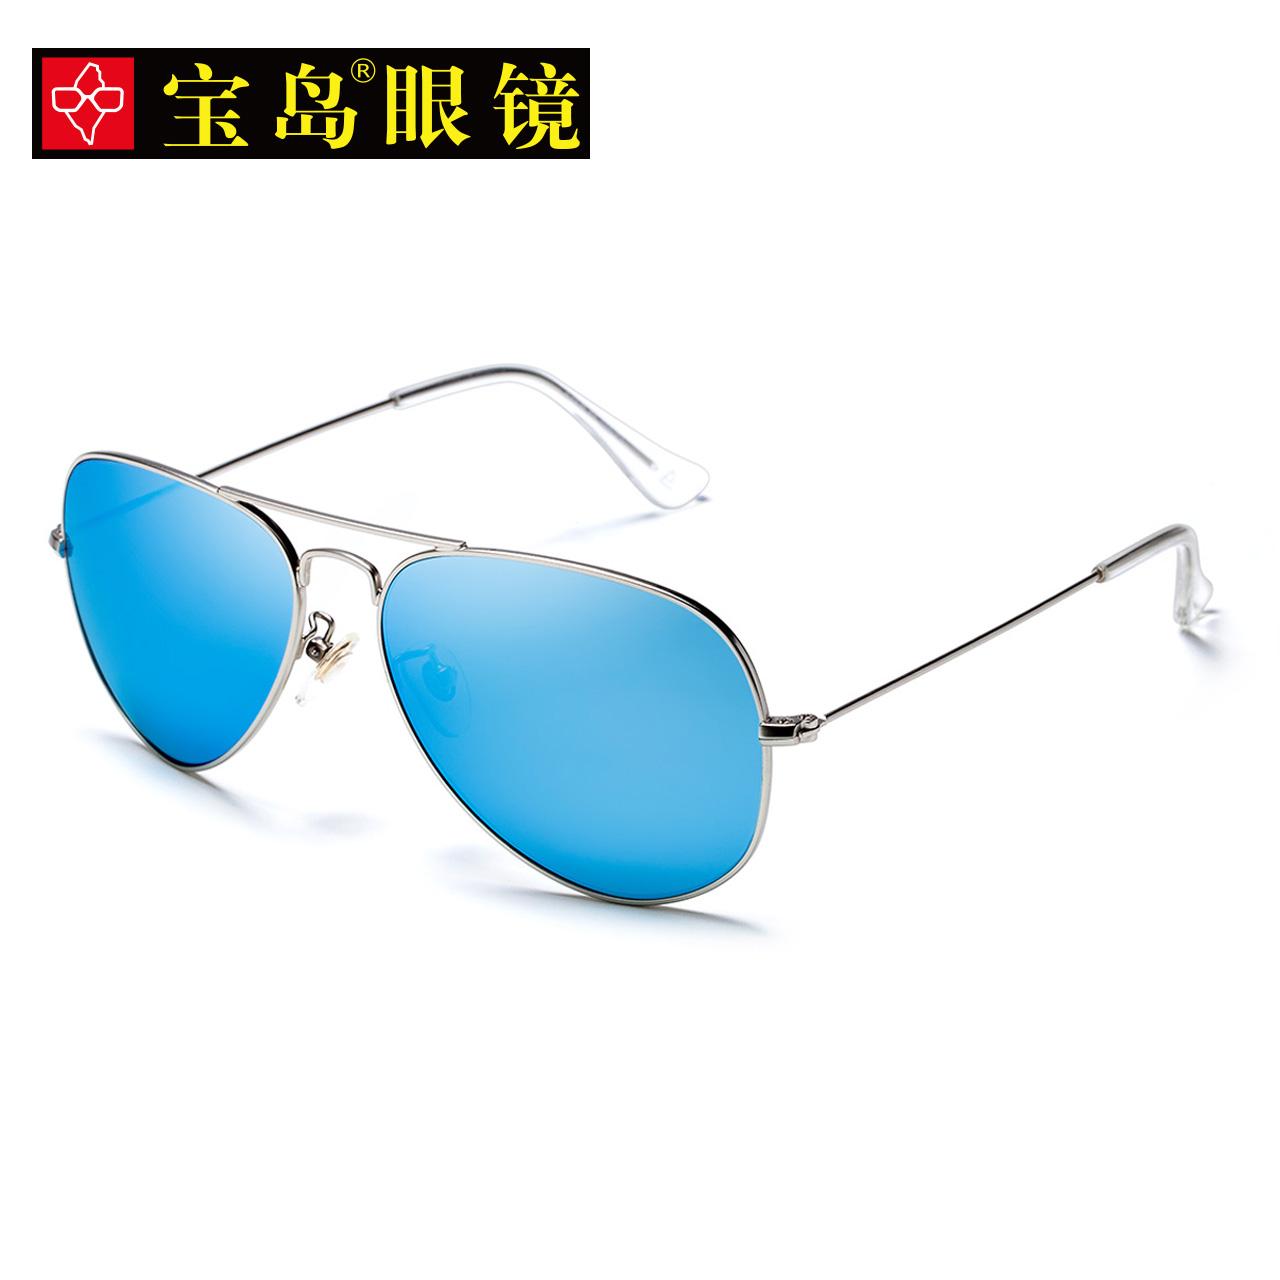 目戏太阳镜 男女时尚潮网红偏光开车驾驶镜个性眼镜墨镜